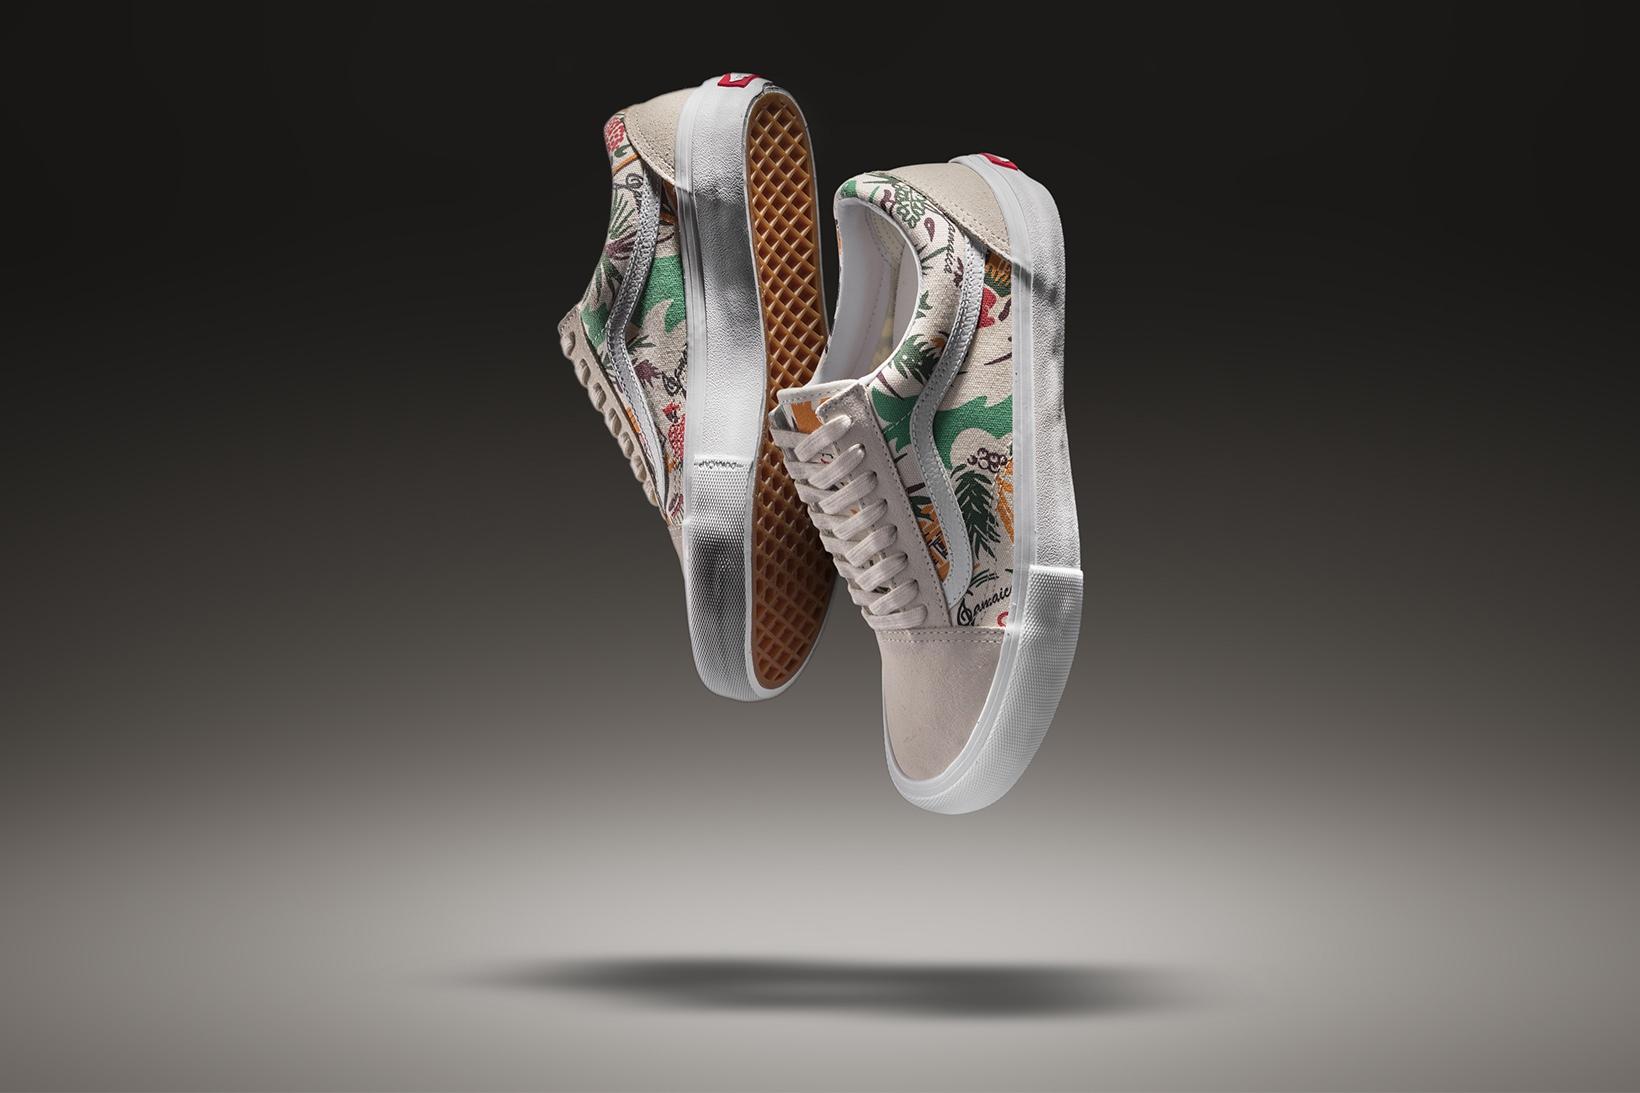 concepts-vans-old-skool-jamaica-pack-3-2